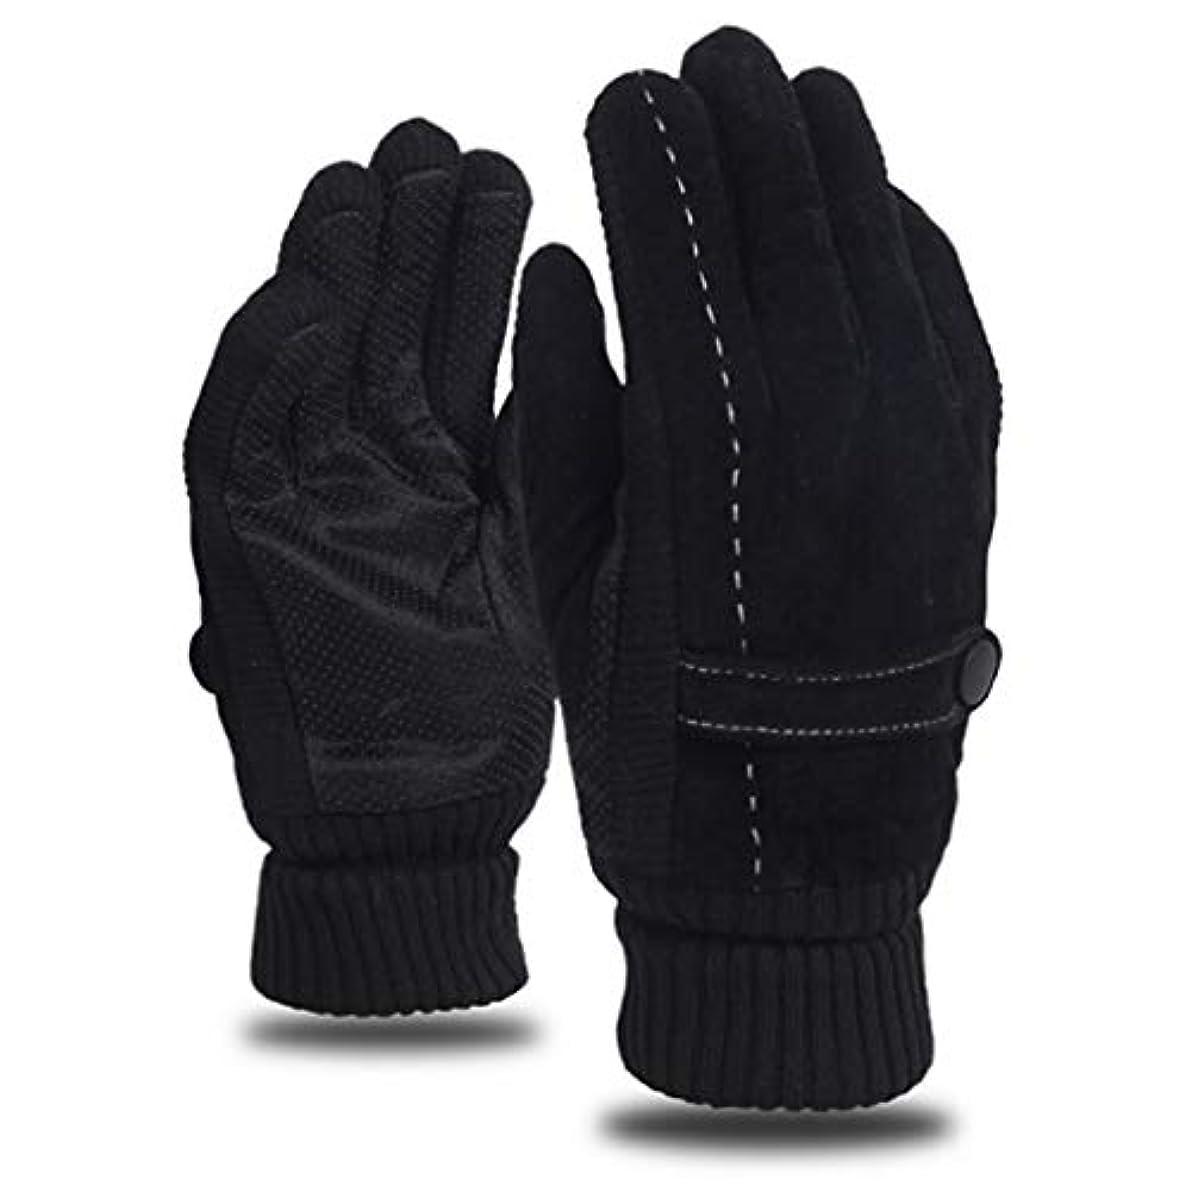 であること白雪姫危険レザーグローブメンズウィンライディングプラスベルベット厚手暖かいドライビングアウトドアオートバイ防風コールドノンスリップメンズコットン手袋 (色 : 黒)